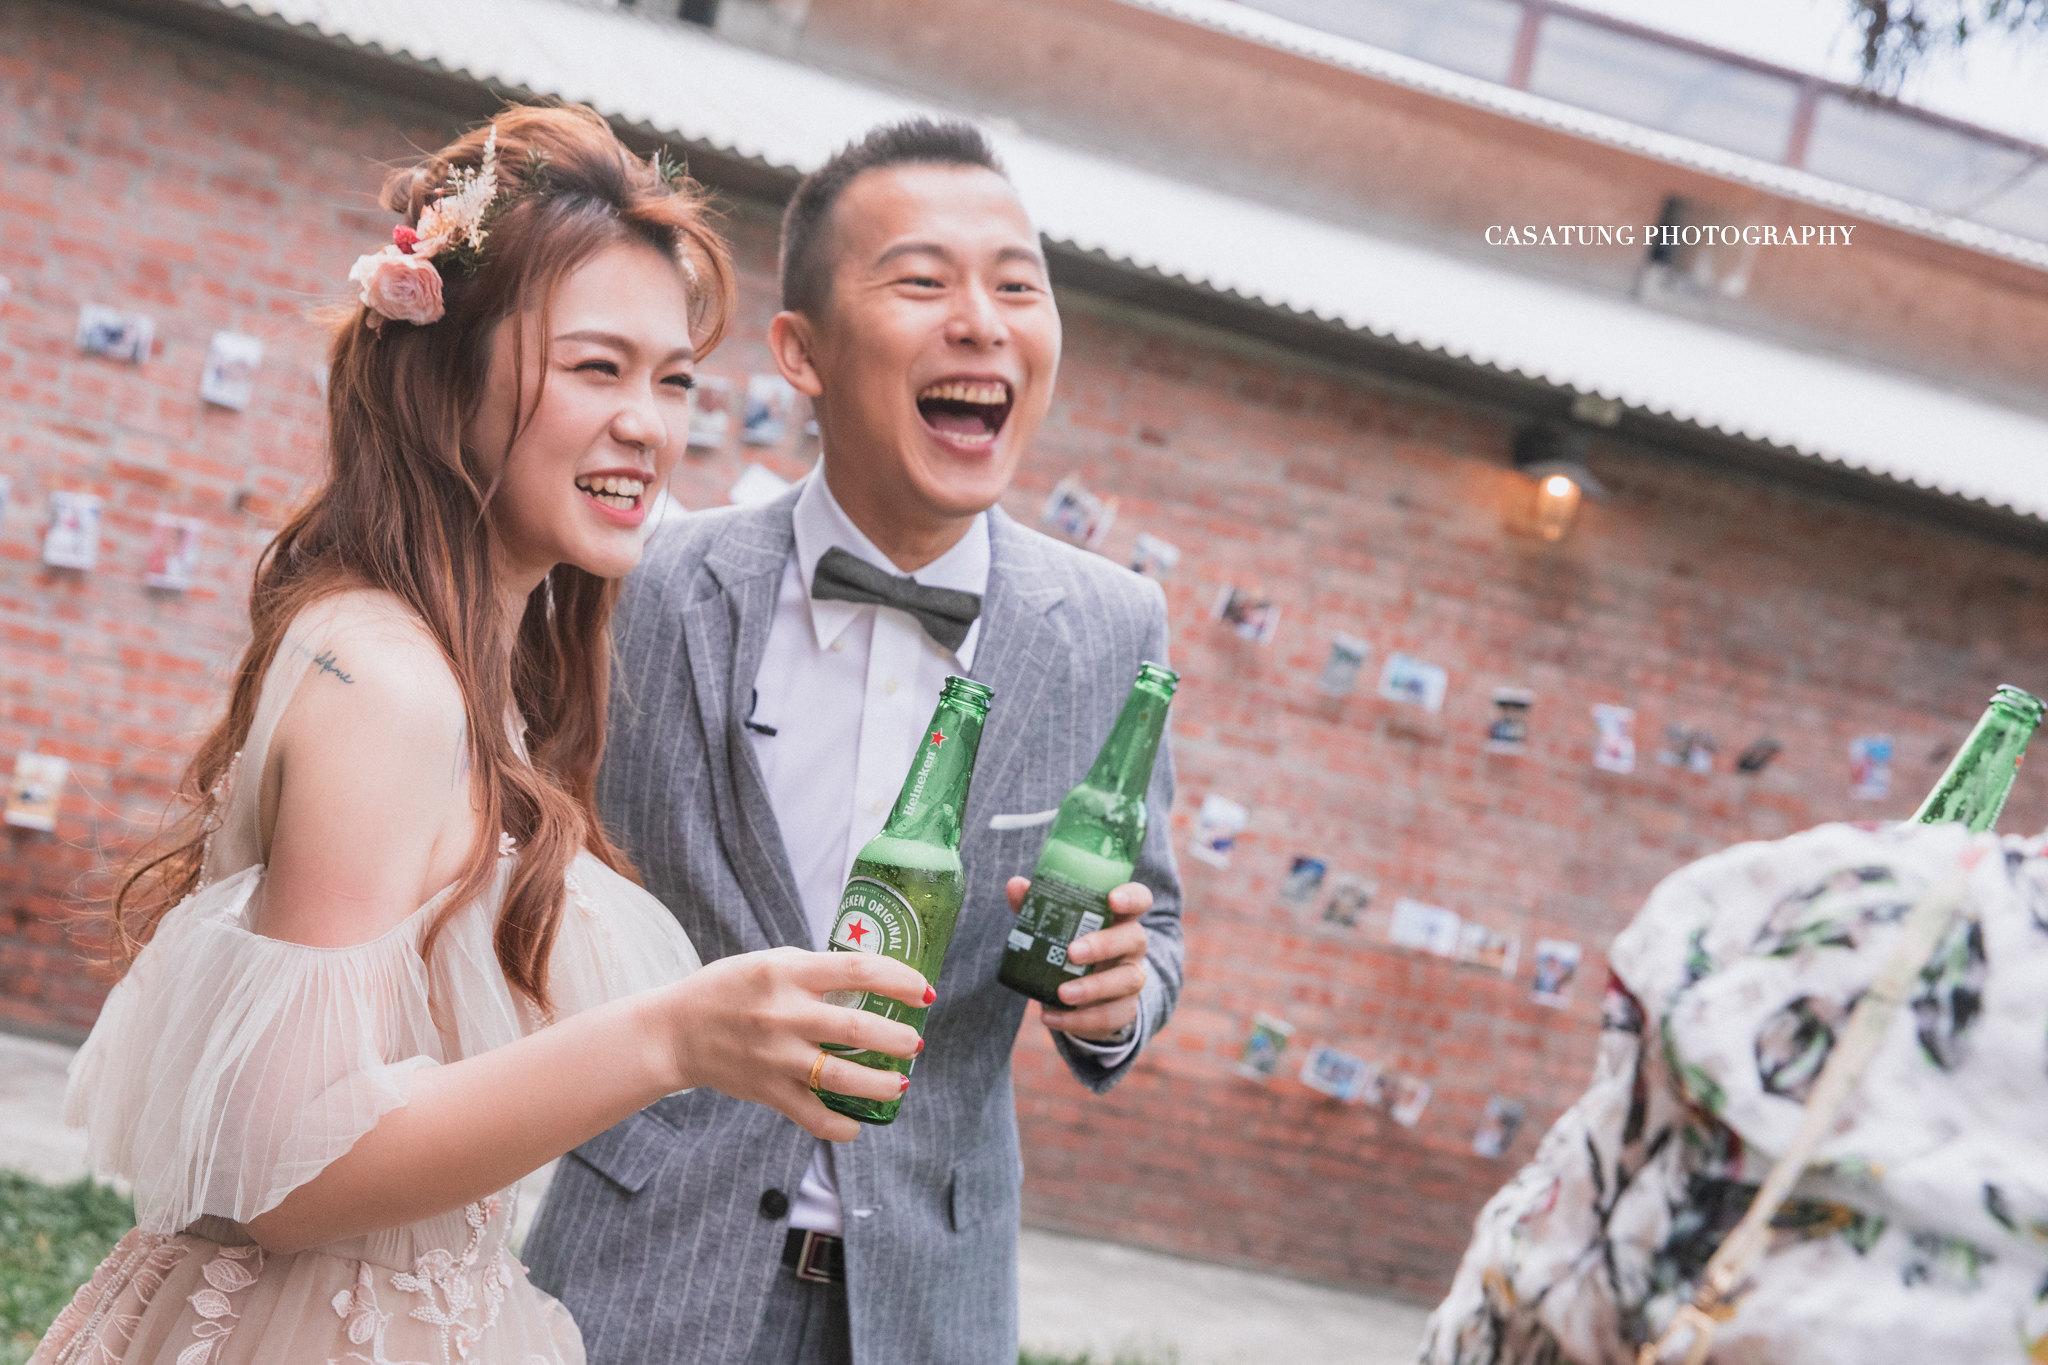 顏氏牧場婚禮,台中婚攝casa,旋轉木馬-63